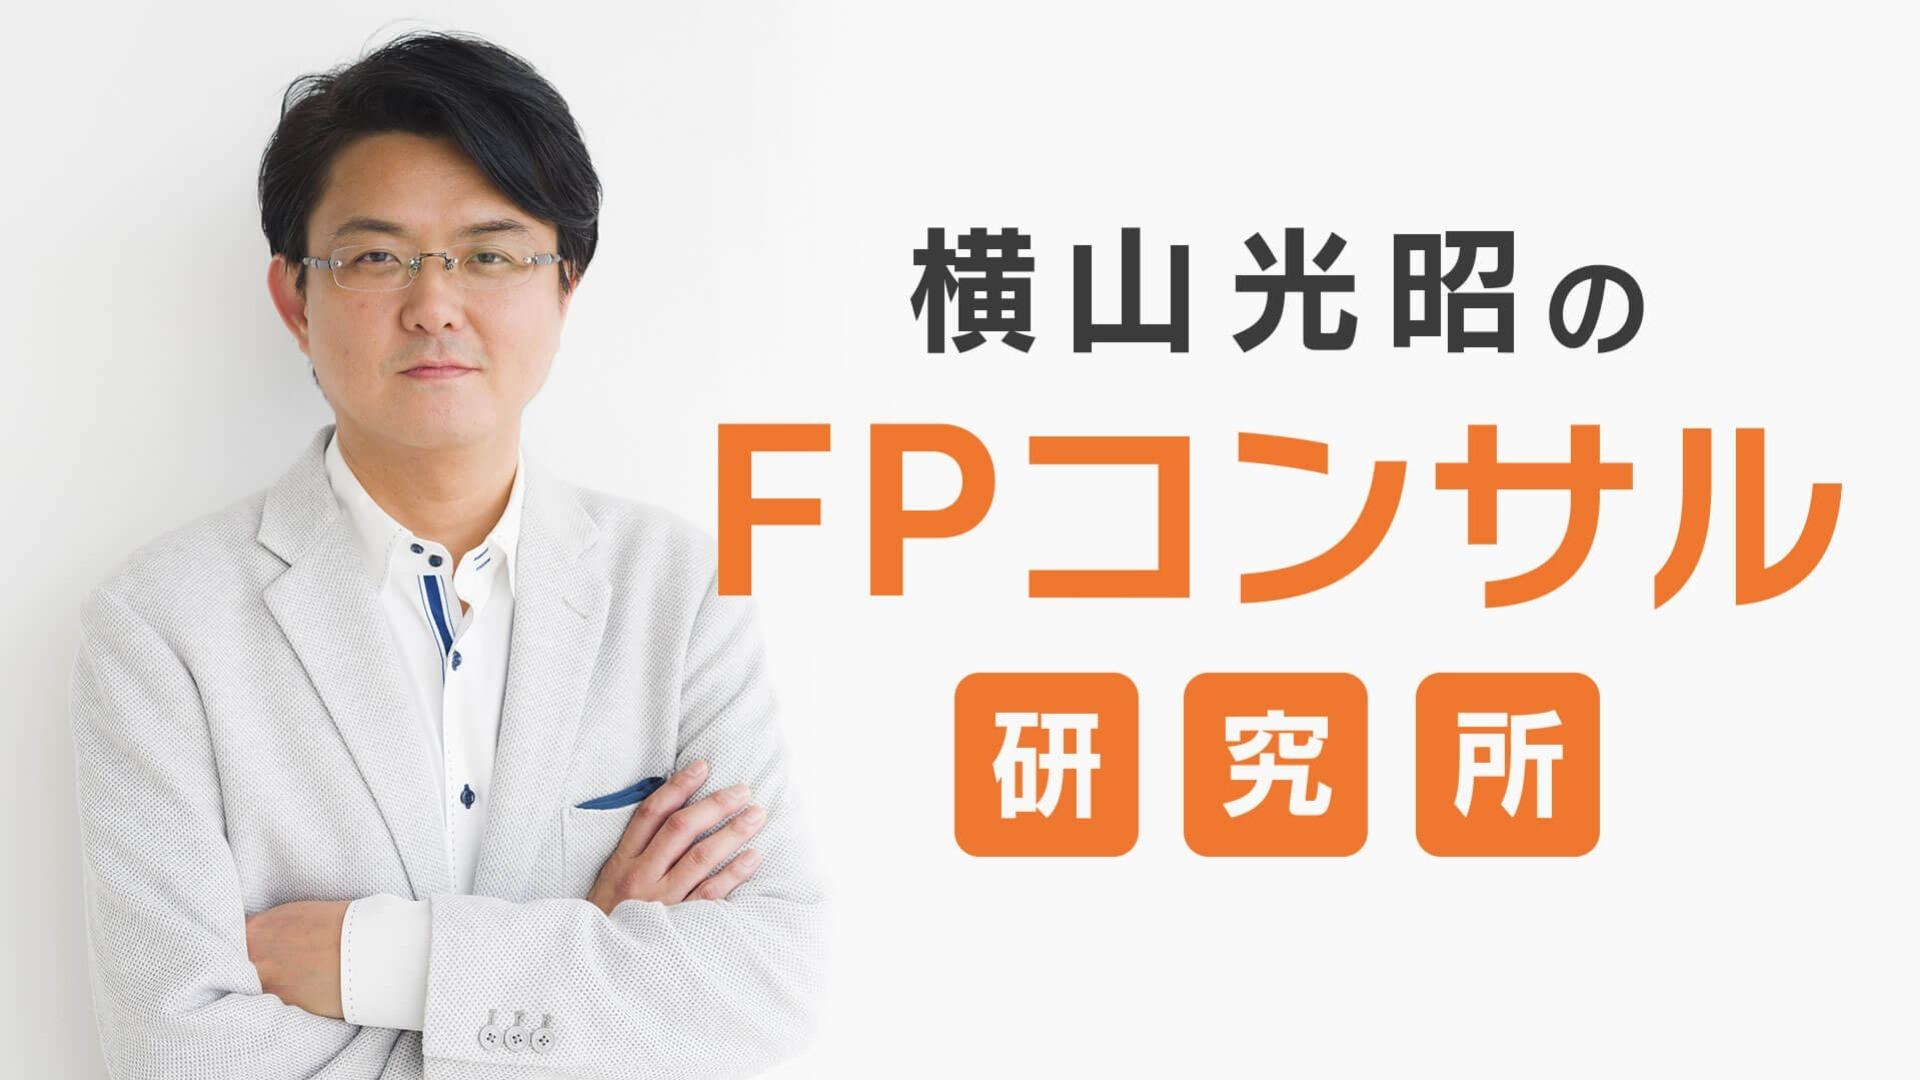 横山光昭 - 横山光昭のFPコンサル研究所 - DMM オンラインサロン